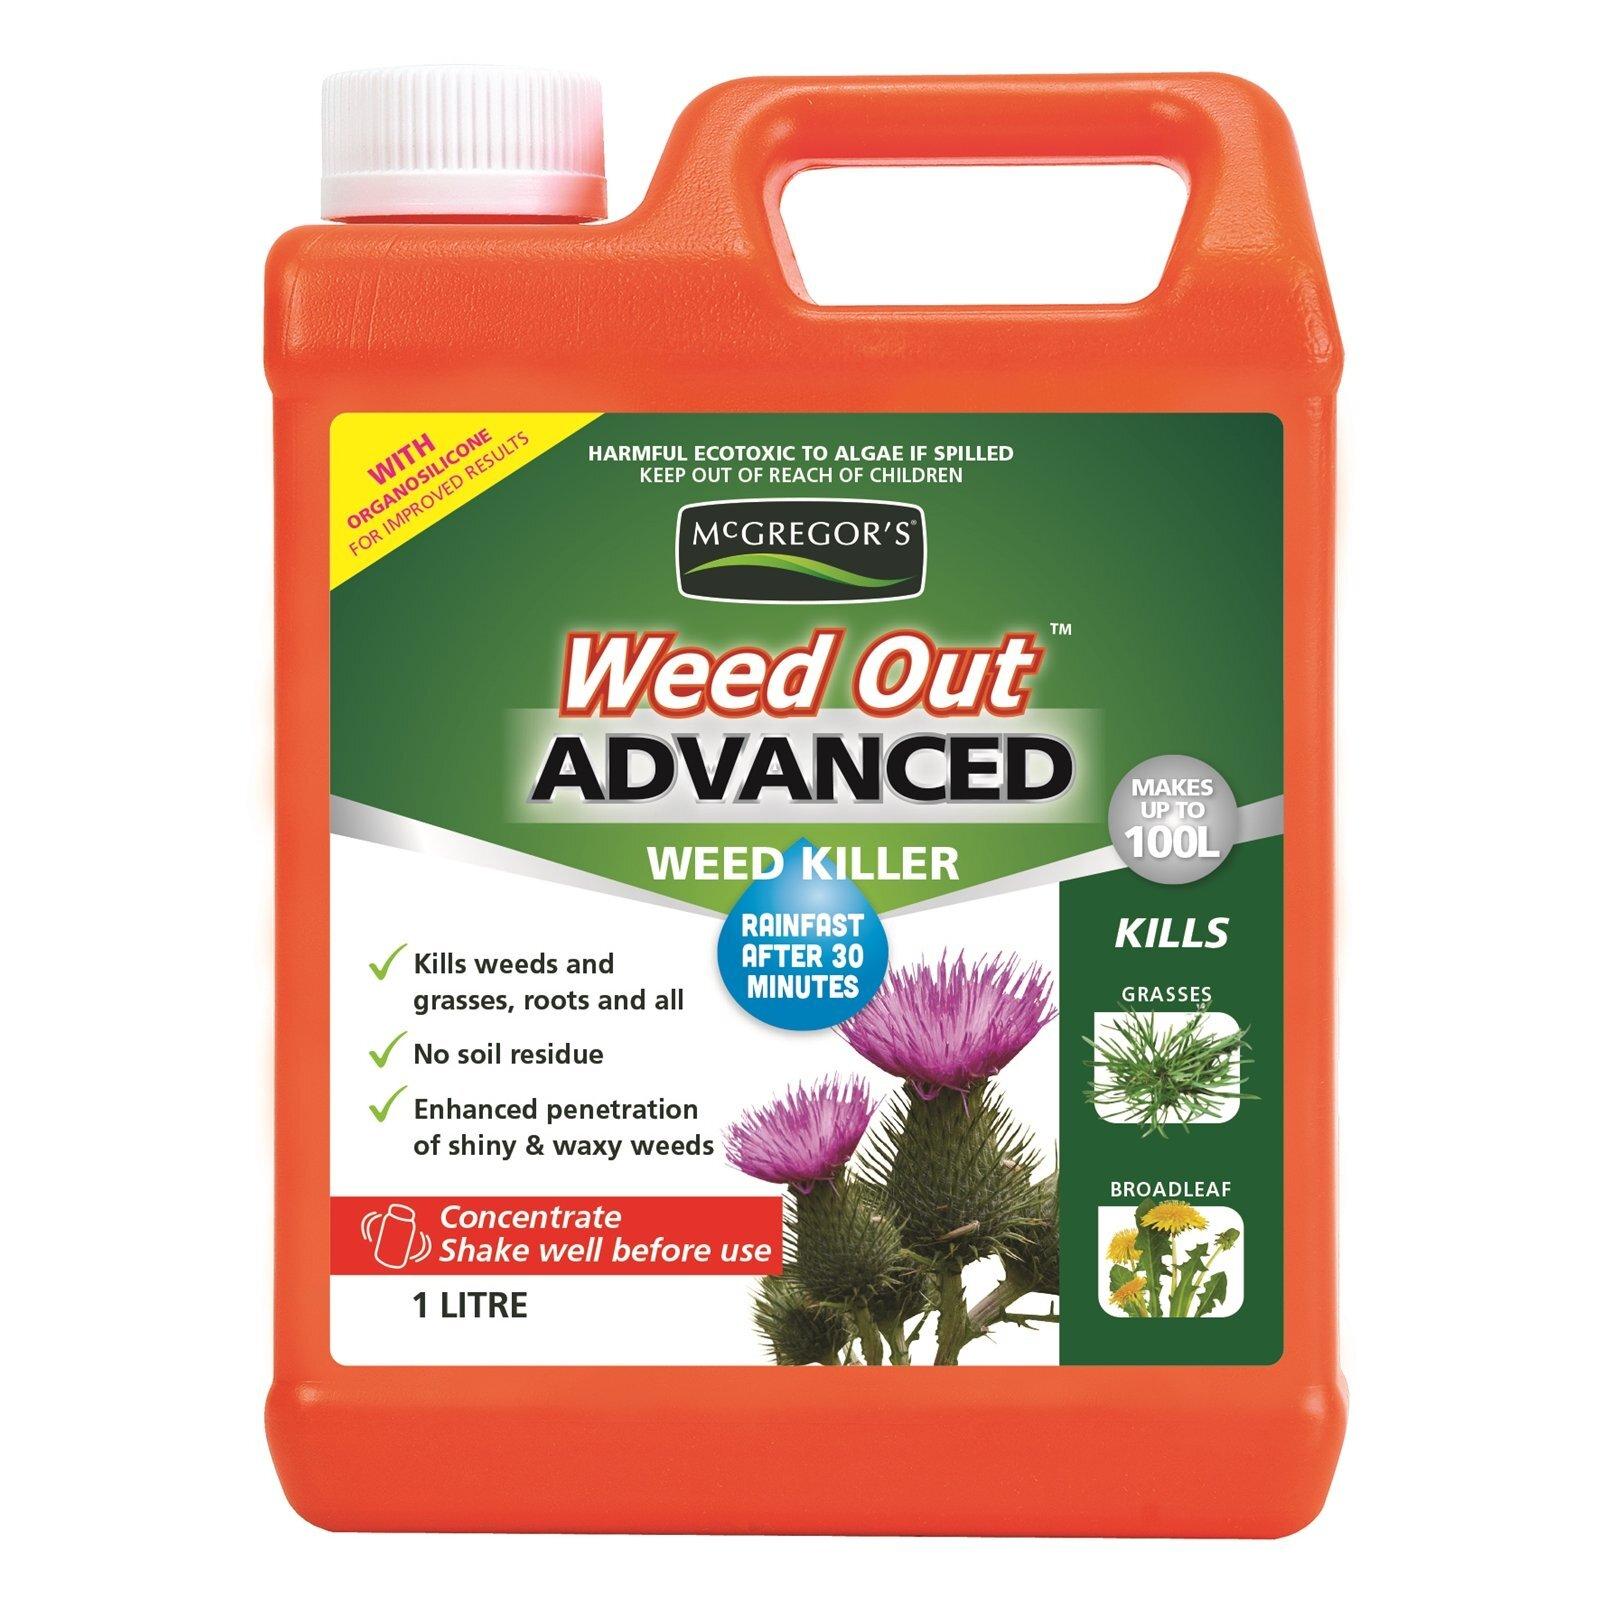 McGregor's Weedout Advanced Weed Killer 1L